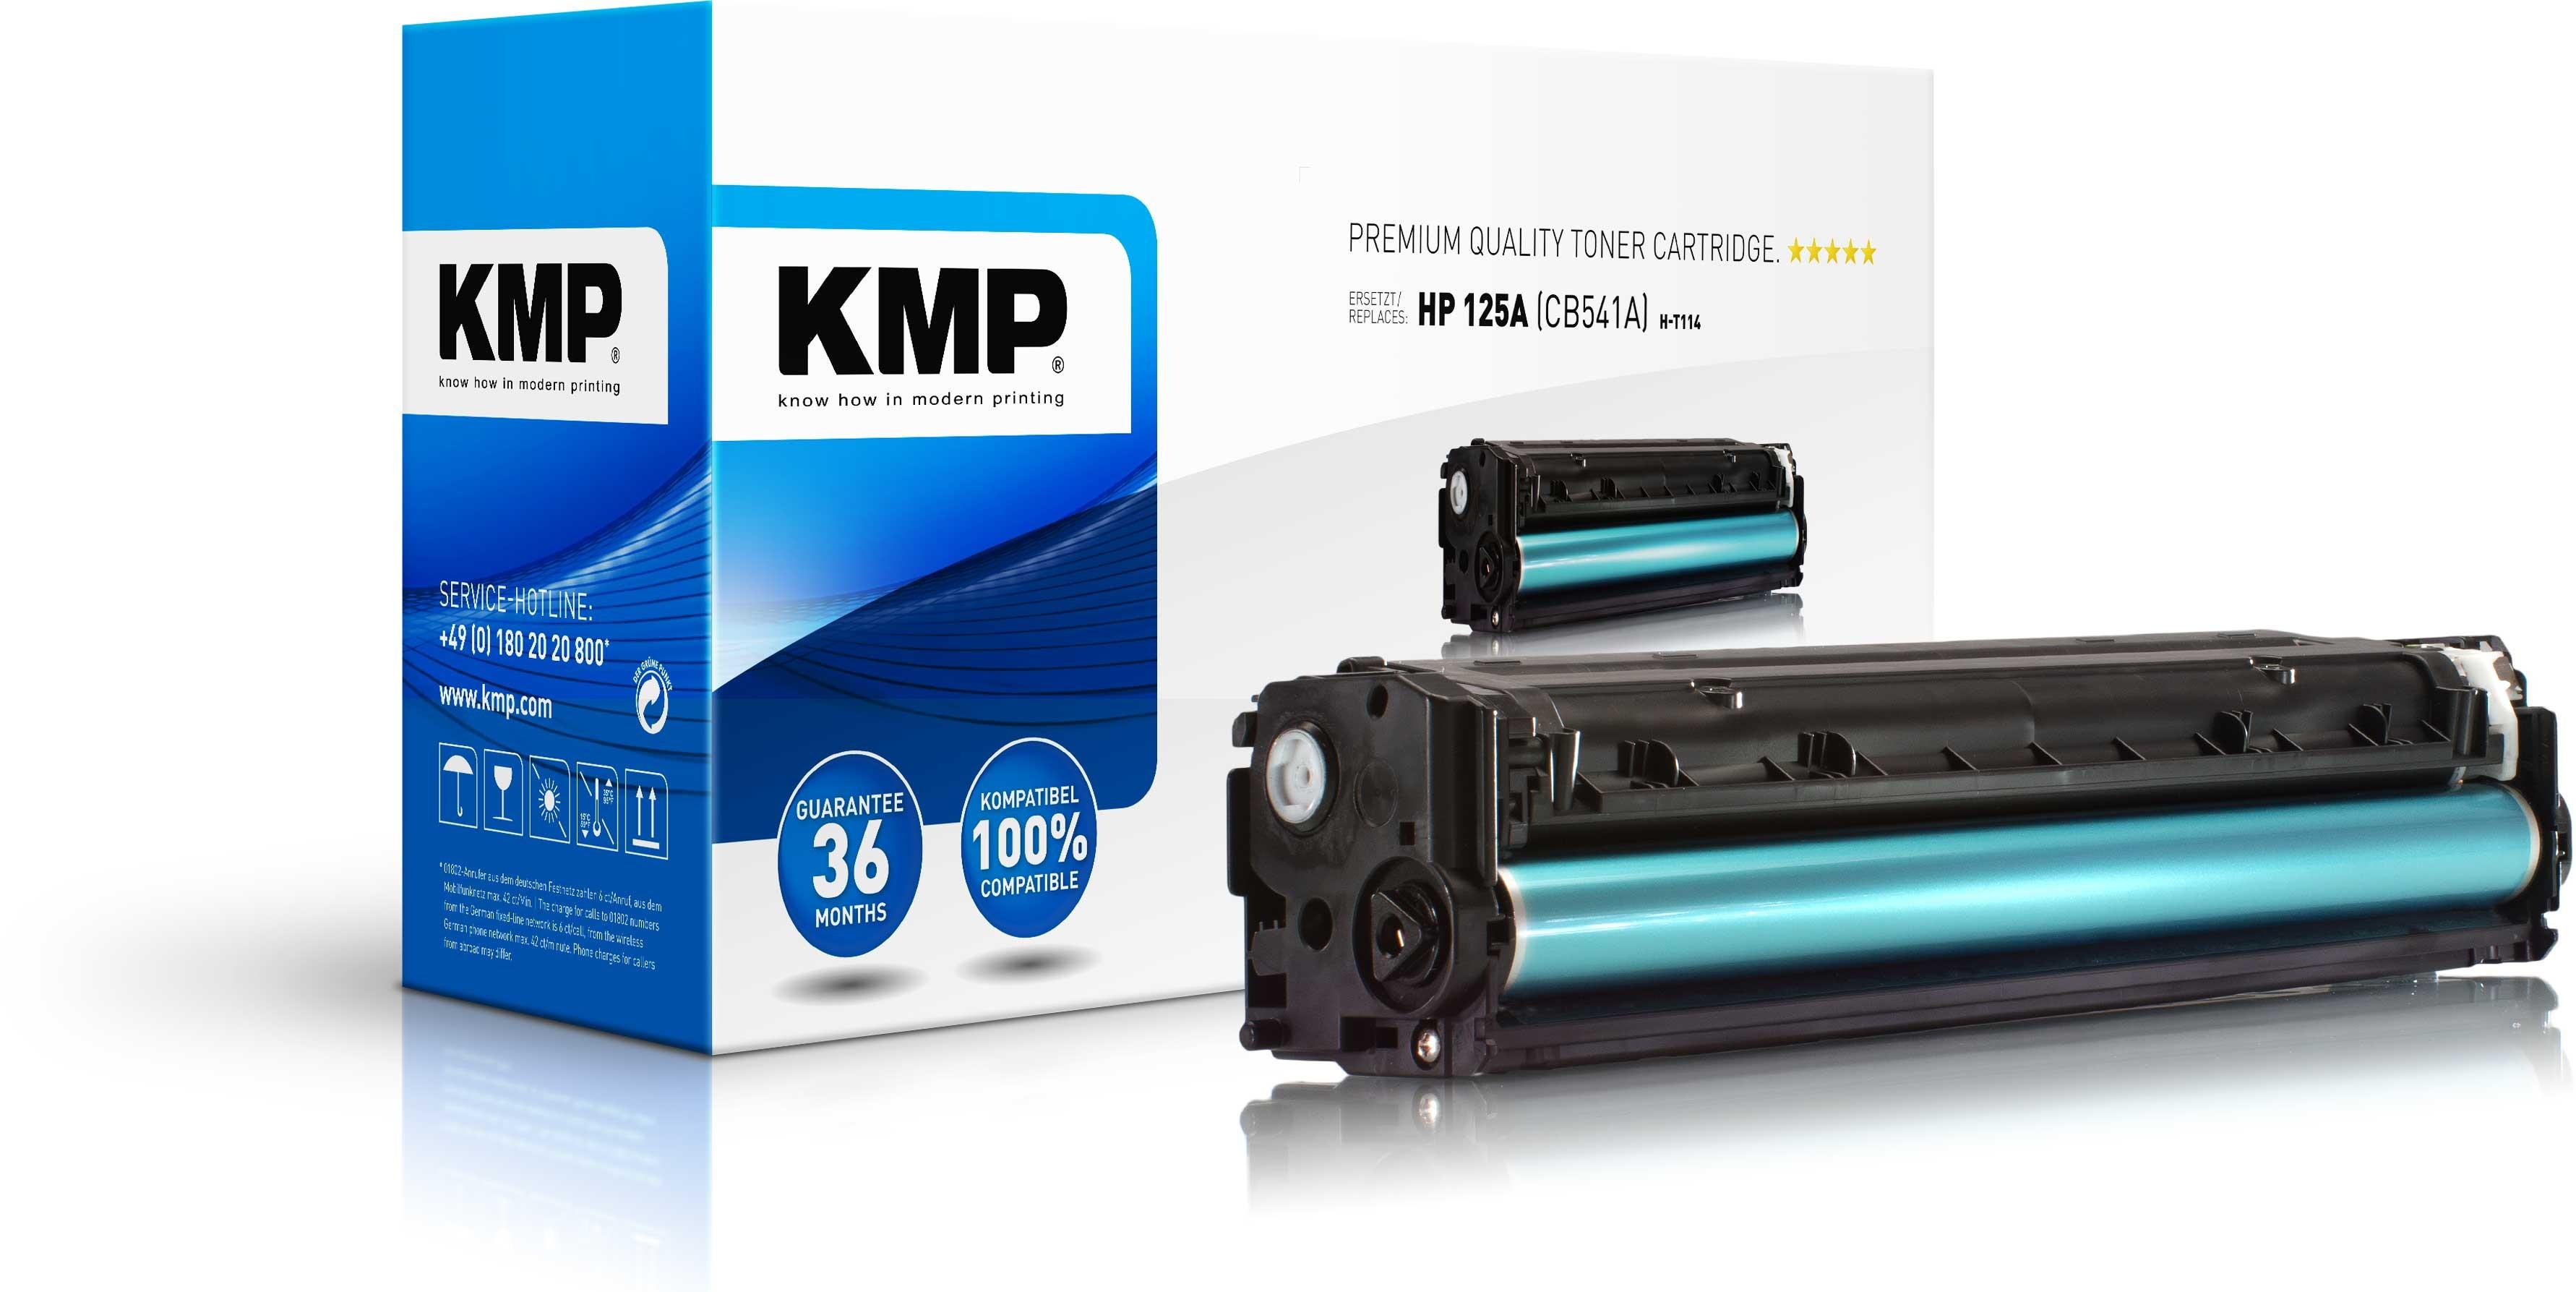 Vorschau: KMP Toner für HP 125A (CB541A) Color Laserjet CM1312 CP1210 CP1510 cyan